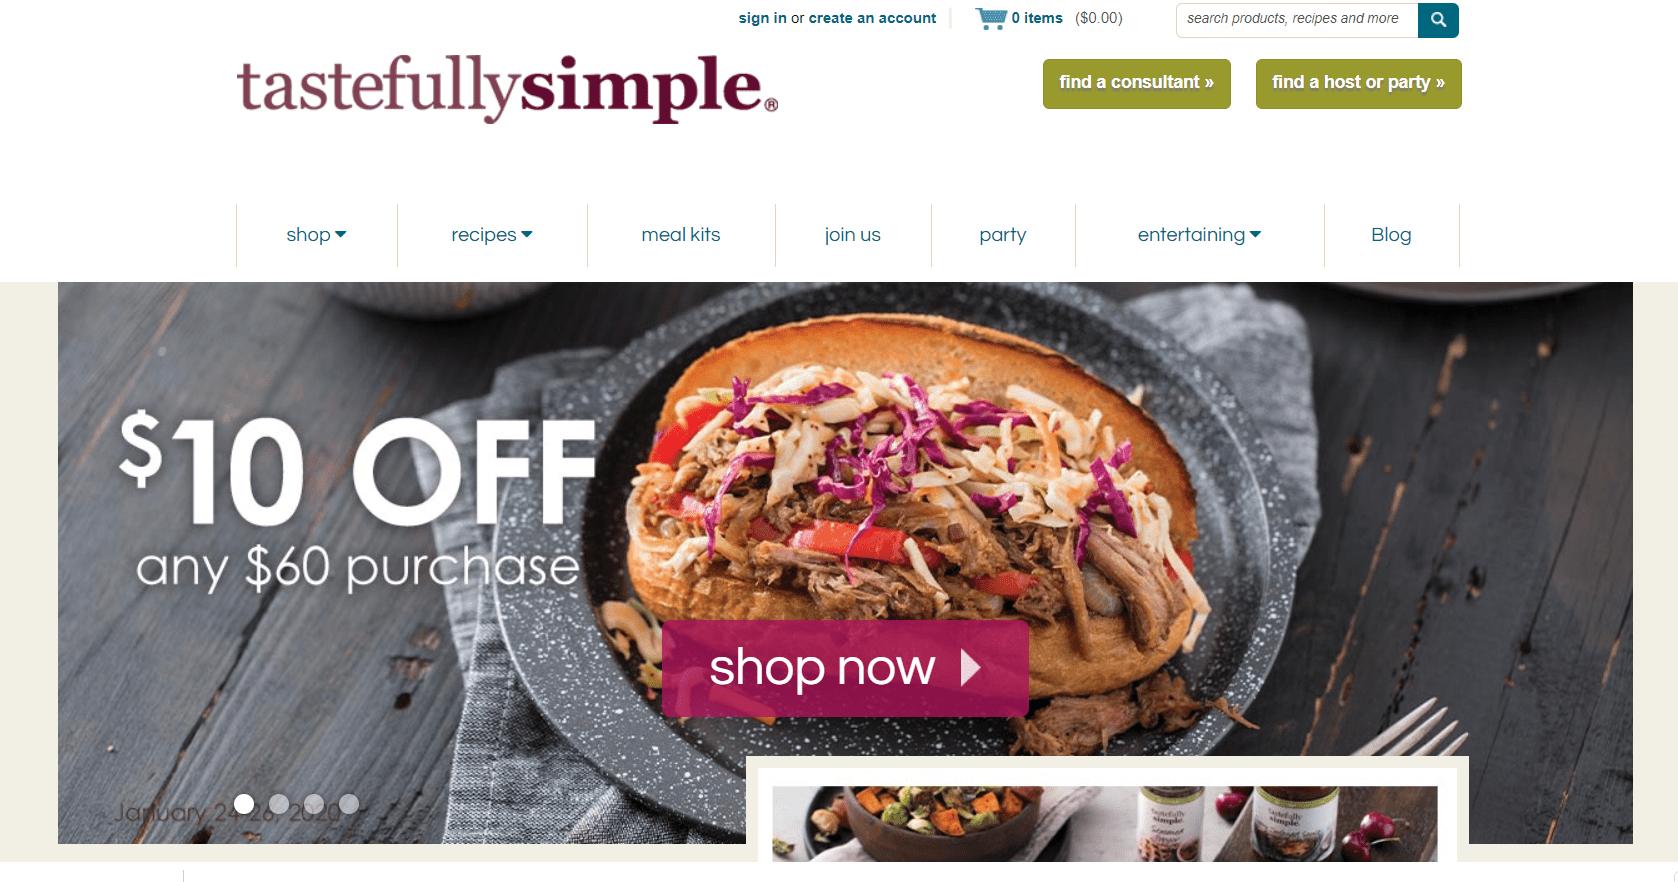 tastefully simple website